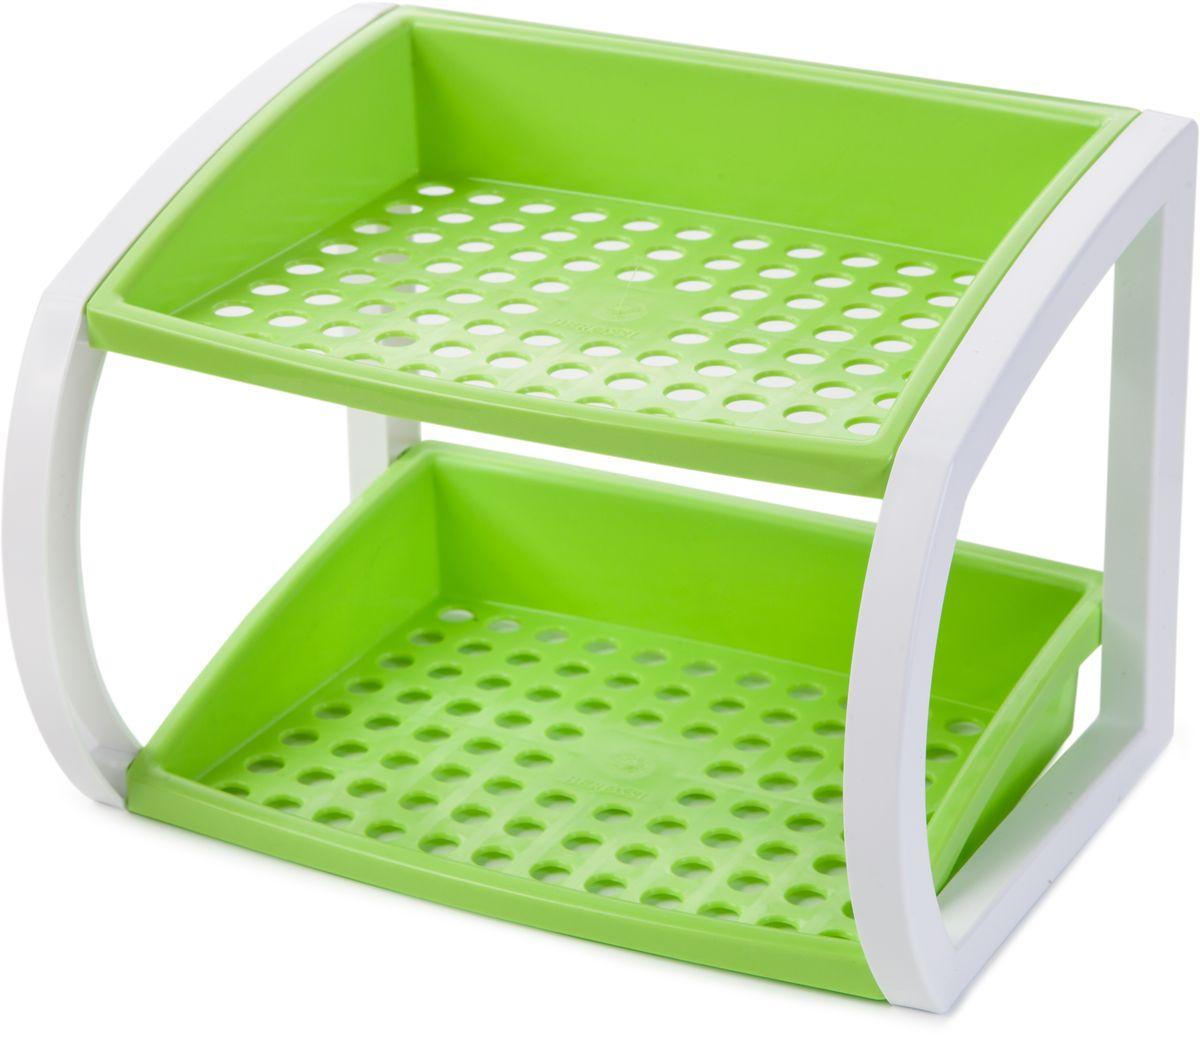 Подставка кухонная Berossi Hokky, универсальная, цвет: светло-зеленый, 24,7 х 18,3 х 18 смИК 17538000Универсальная настольная подставка Hokky выполнена прочного пластика, легко собирается и имеет очень широкую сферу применения: - в ванной - для хранения косметических принадлежностей;- на кухне - можно поставить подставку для специй, сахарницу, емкость с печеньем;- в прихожей - использовать под средства для ухода за обувью и сложенные зонты;- возле столика для новорожденного - удобно разместить под рукой все детские кремы, присыпки, бутылочки и соски;- для хранения канцелярских принадлежностей в любом удобном месте.